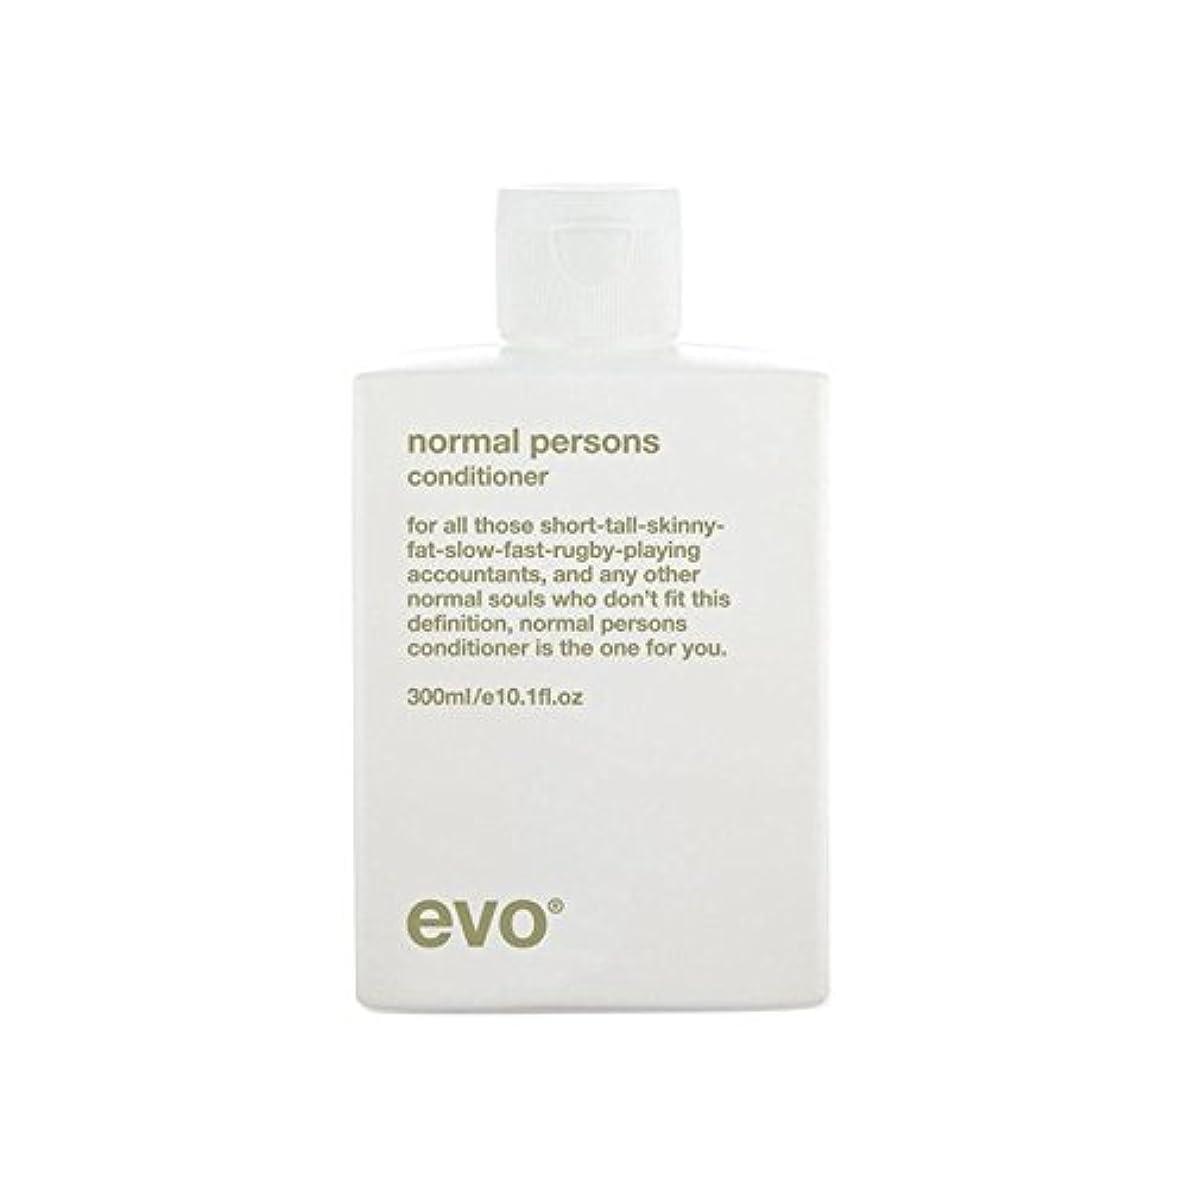 大声で赤外線巻き戻すエボ正常人コンディショナー(300ミリリットル) x2 - Evo Normal Persons Conditioner (300ml) (Pack of 2) [並行輸入品]